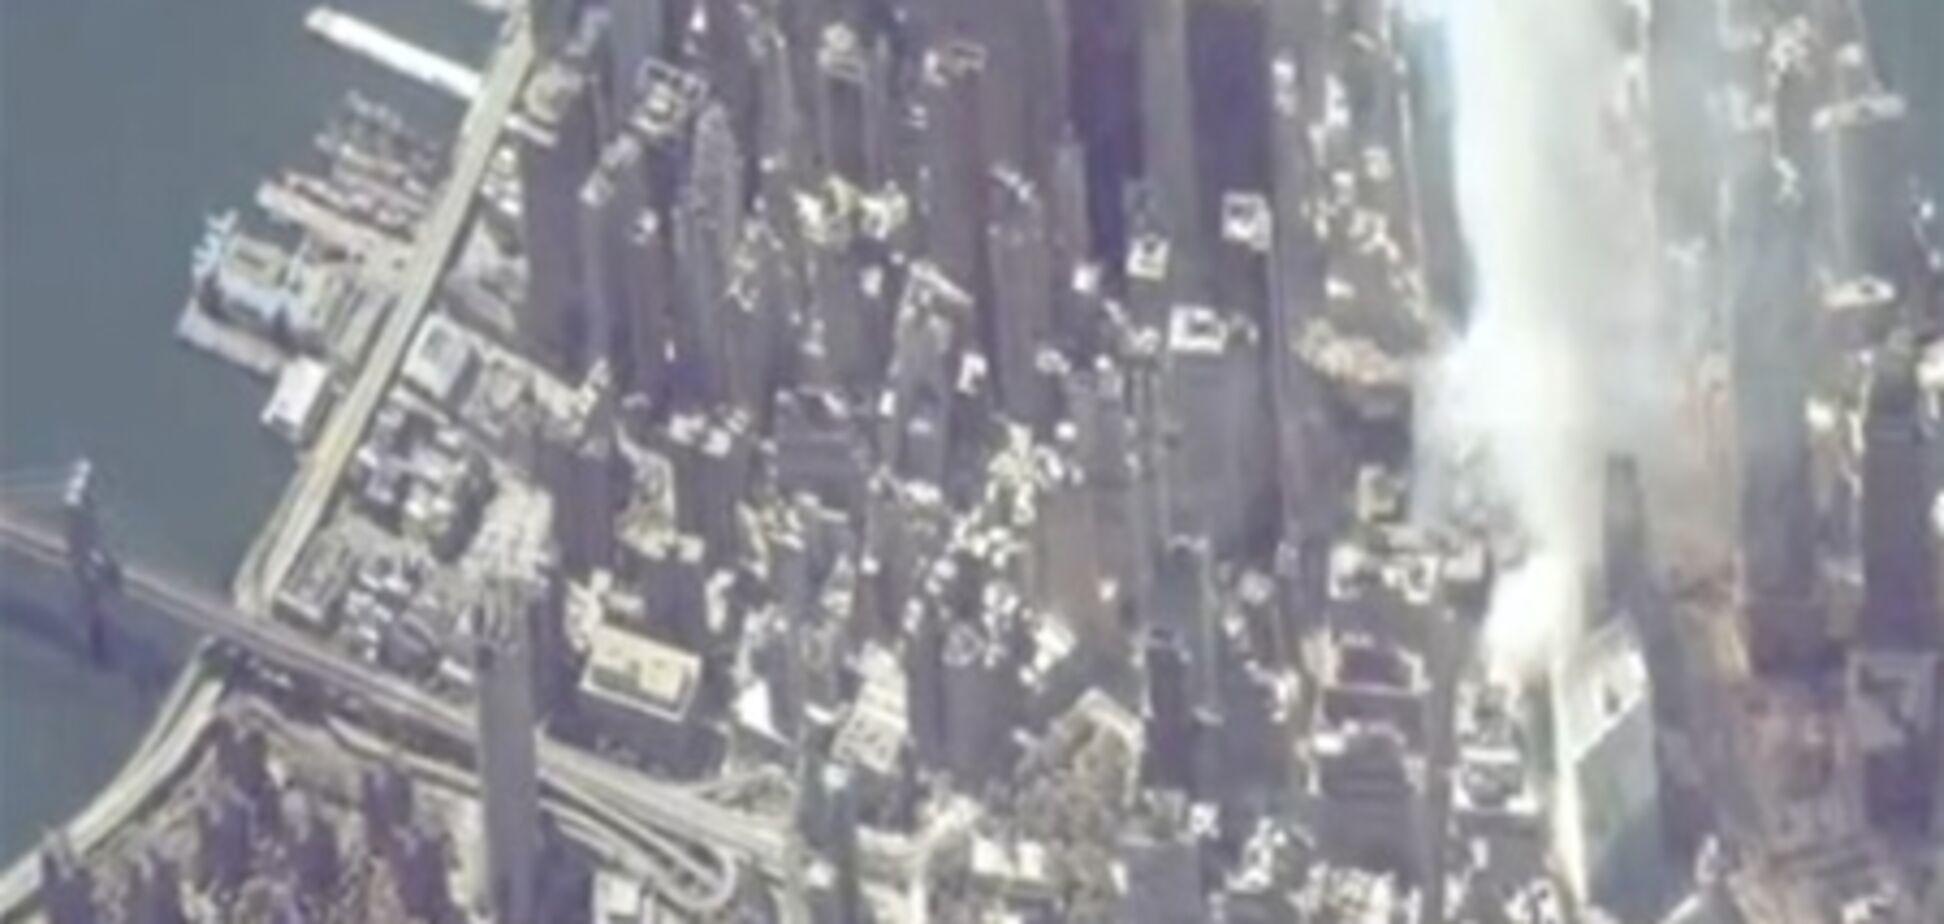 NASA обнародовала уникальное видео терактов 9/11 из космоса